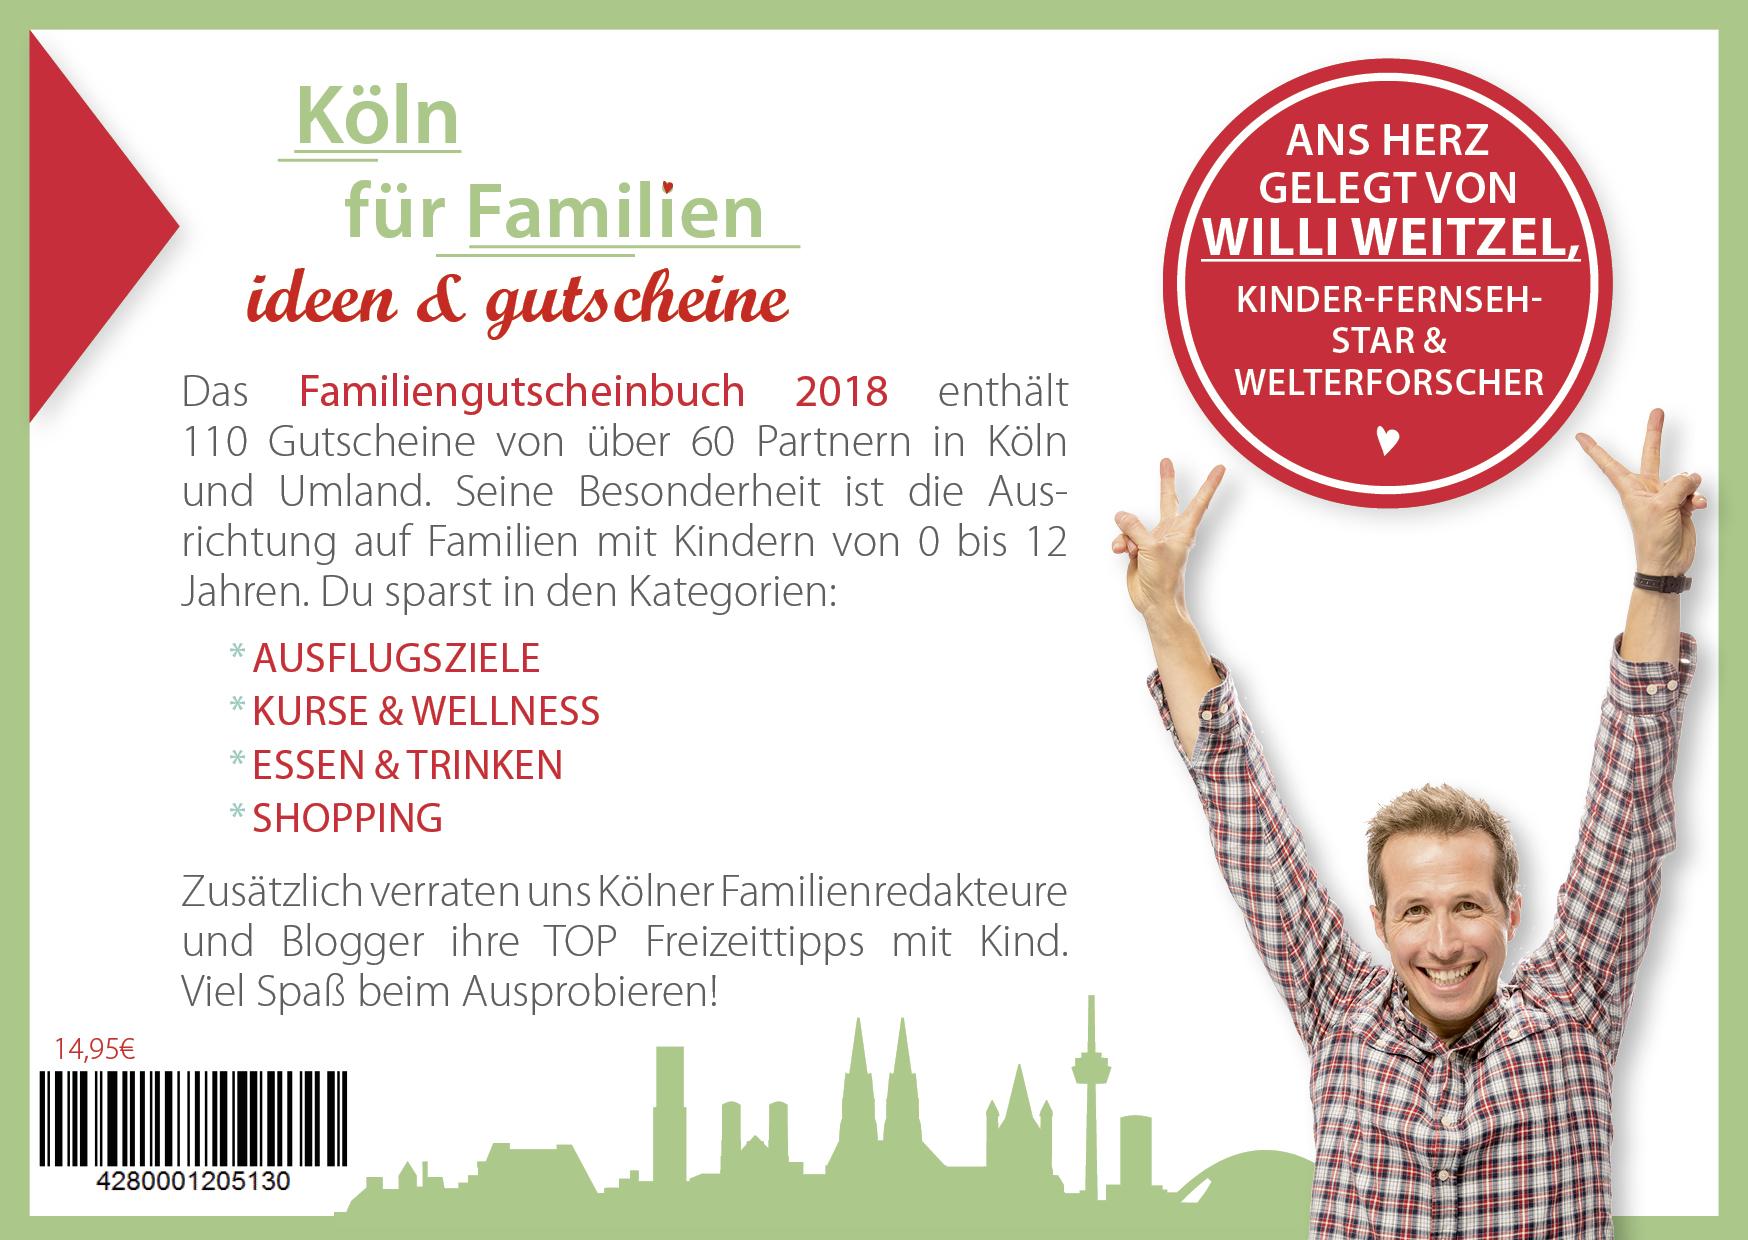 Familien Gutscheinbuch Cover Kîln Rueckseite 2 - Gutscheinbuch Köln 2018